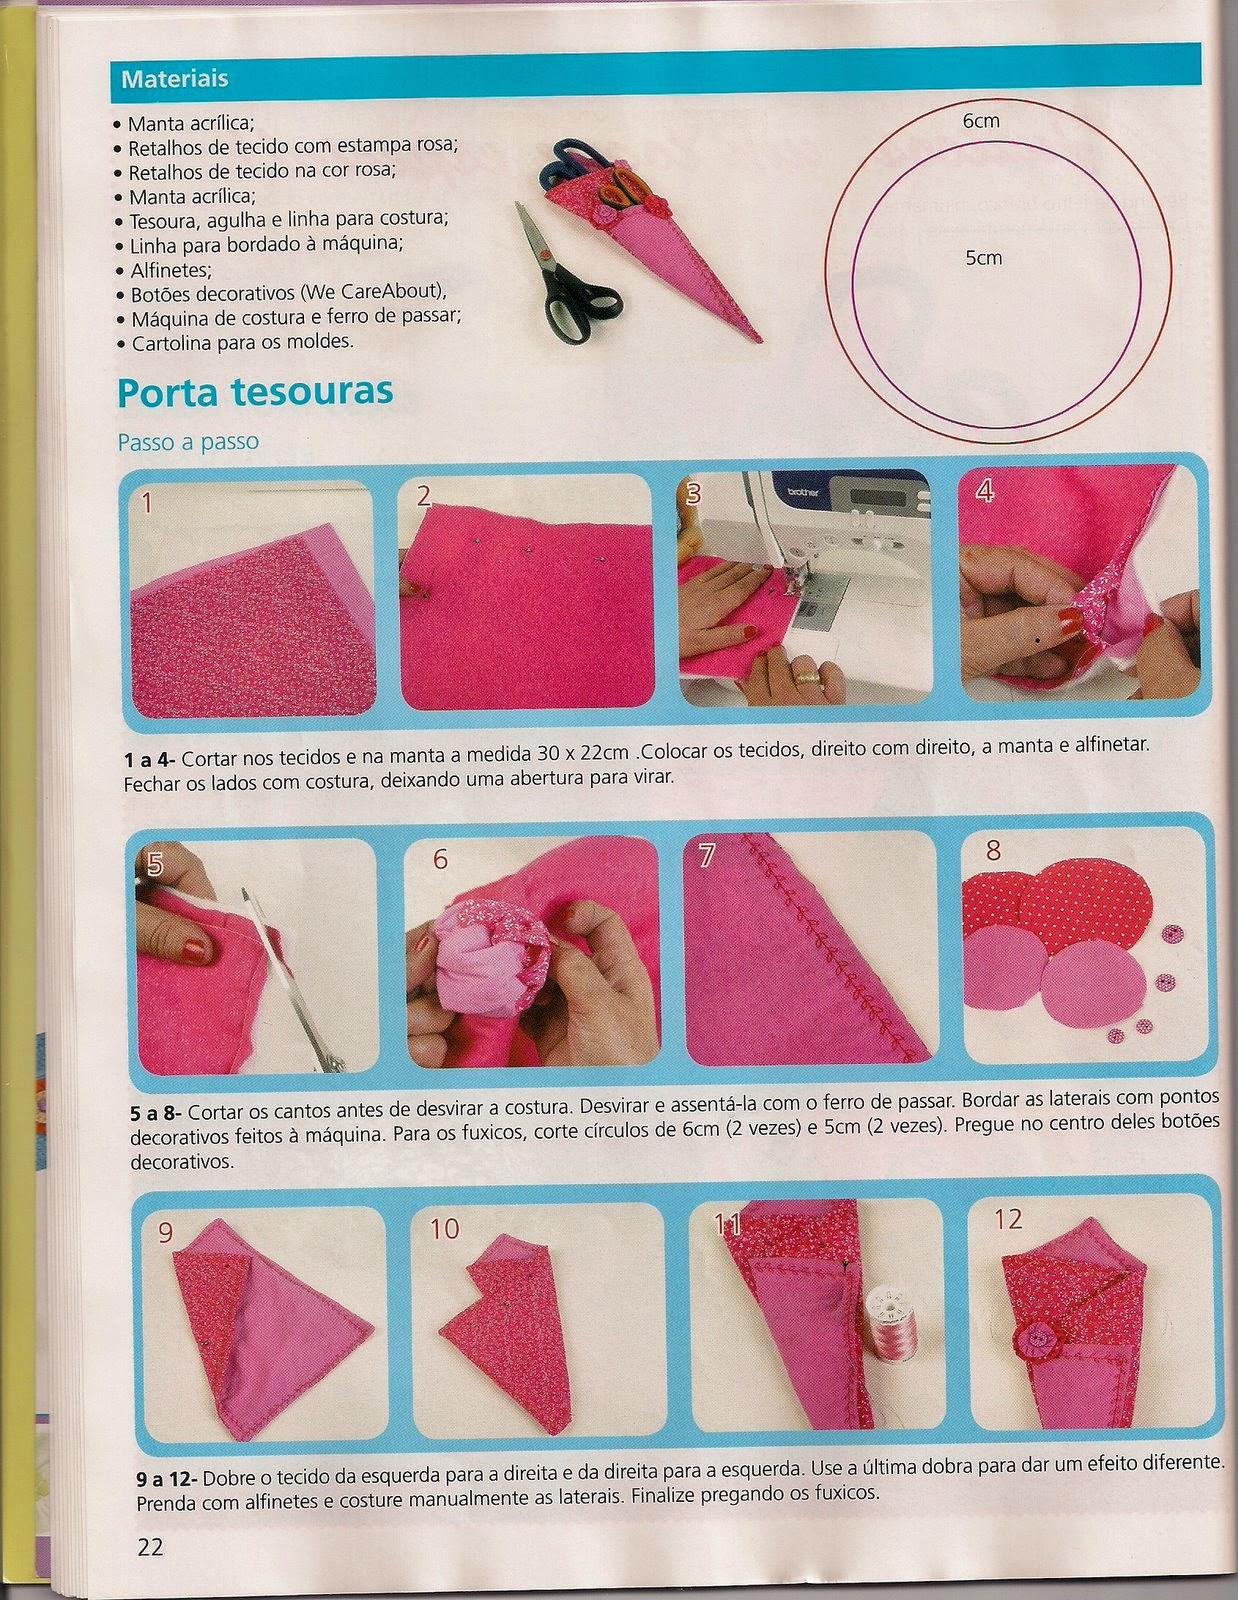 Porta-tesoura de tecido passo a passo